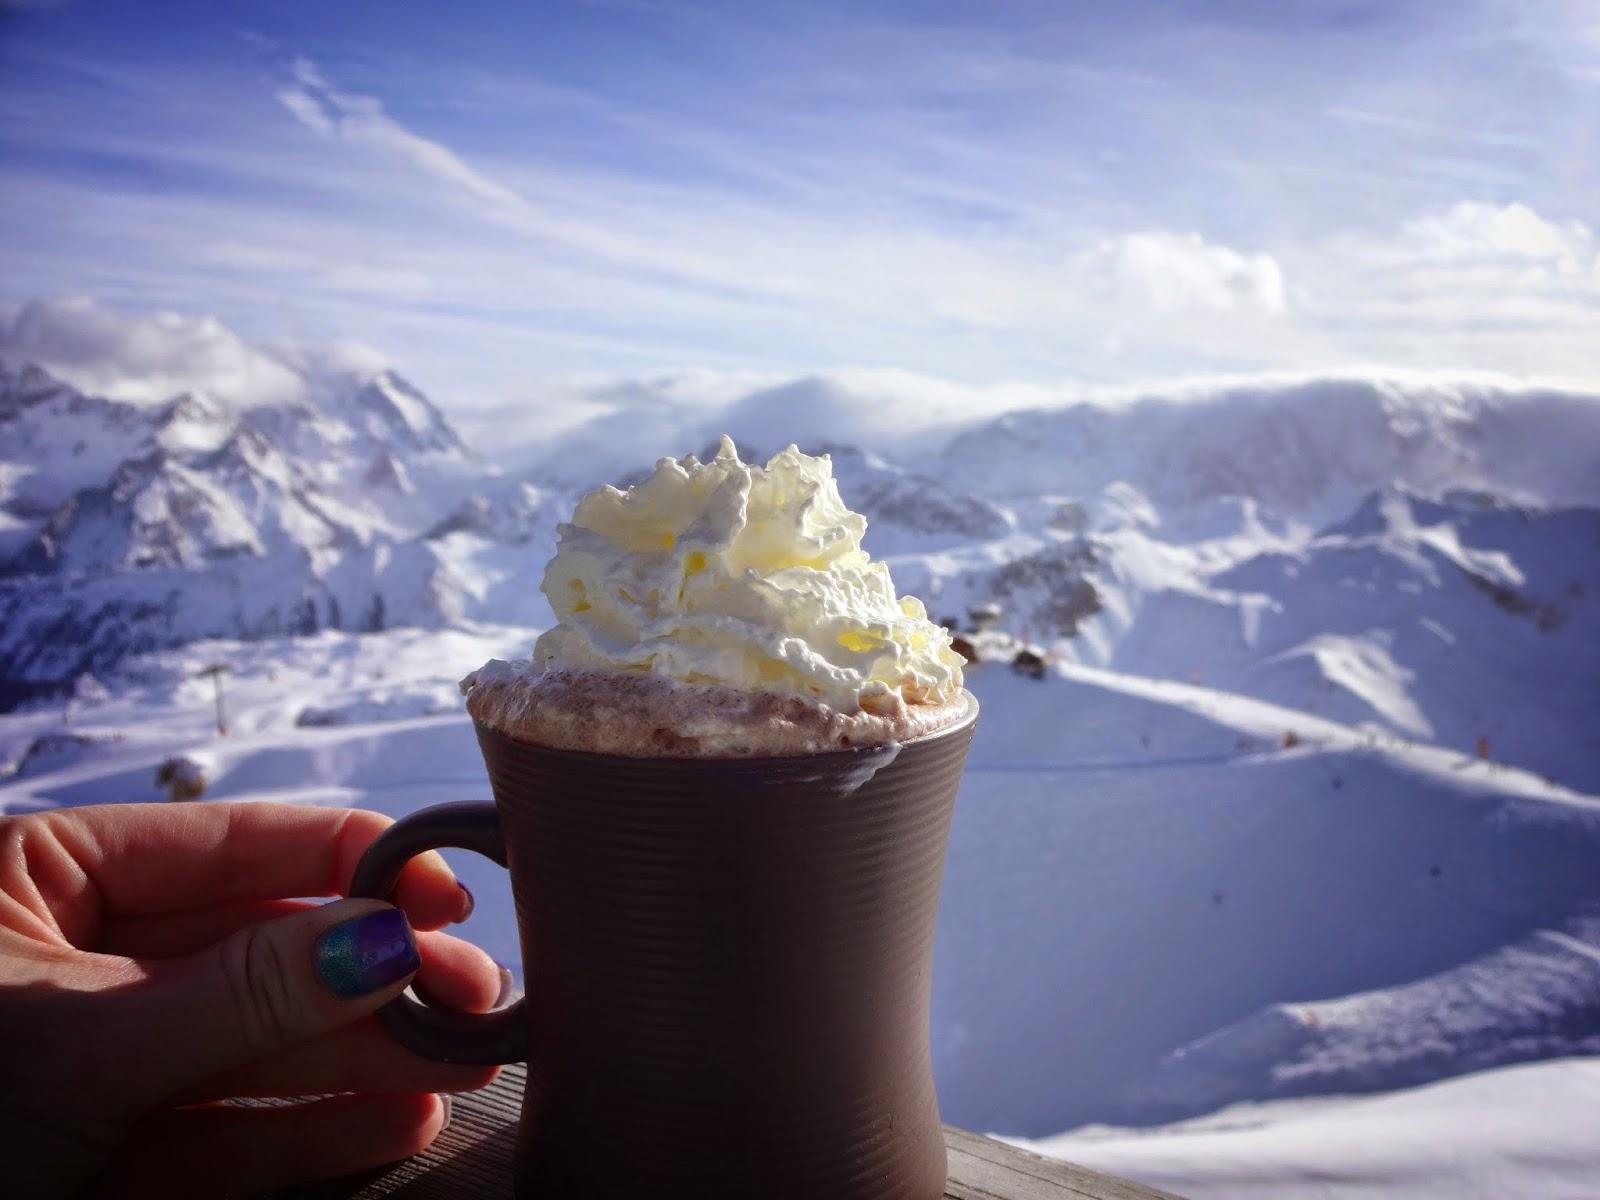 чашка какао в горах три долины